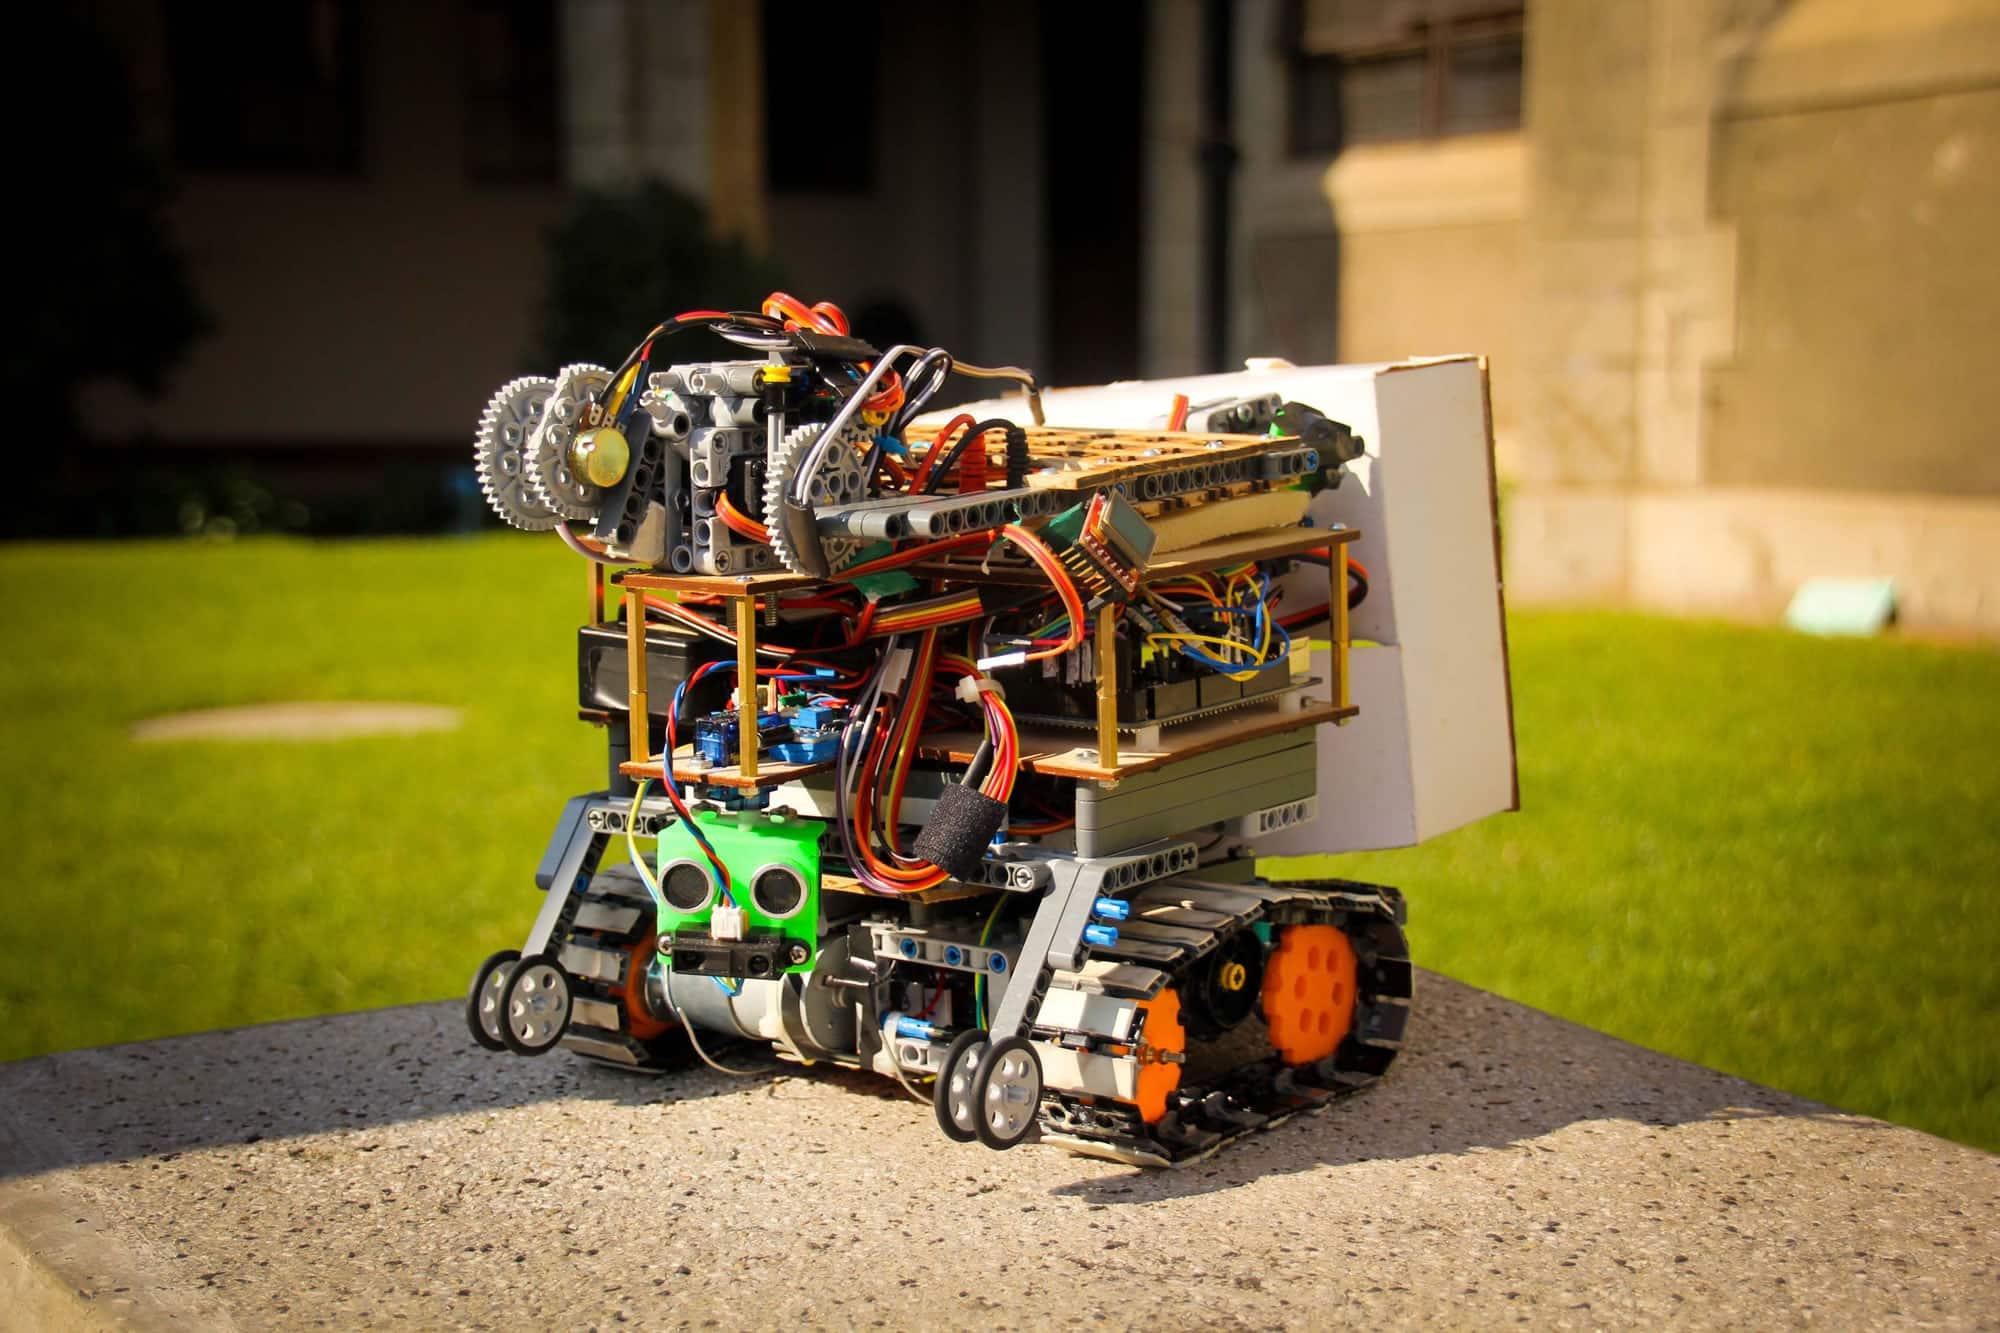 La selección participará con este modelo en la competencia robótica de Alemania.